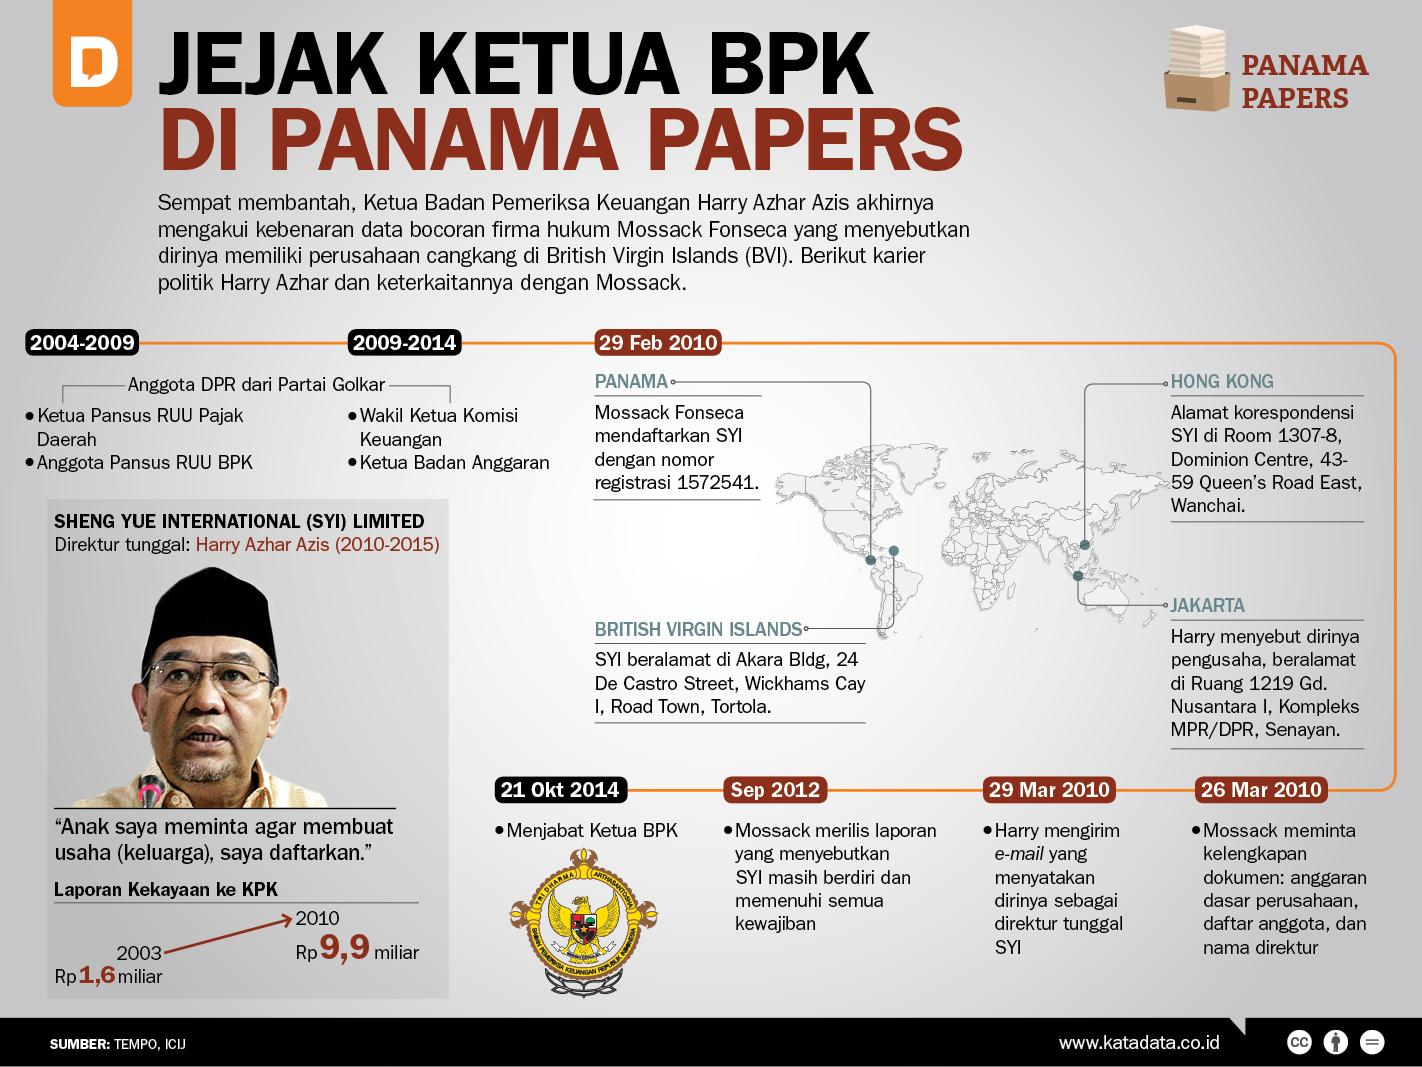 Jejak Ketua BPK di Panama Papers